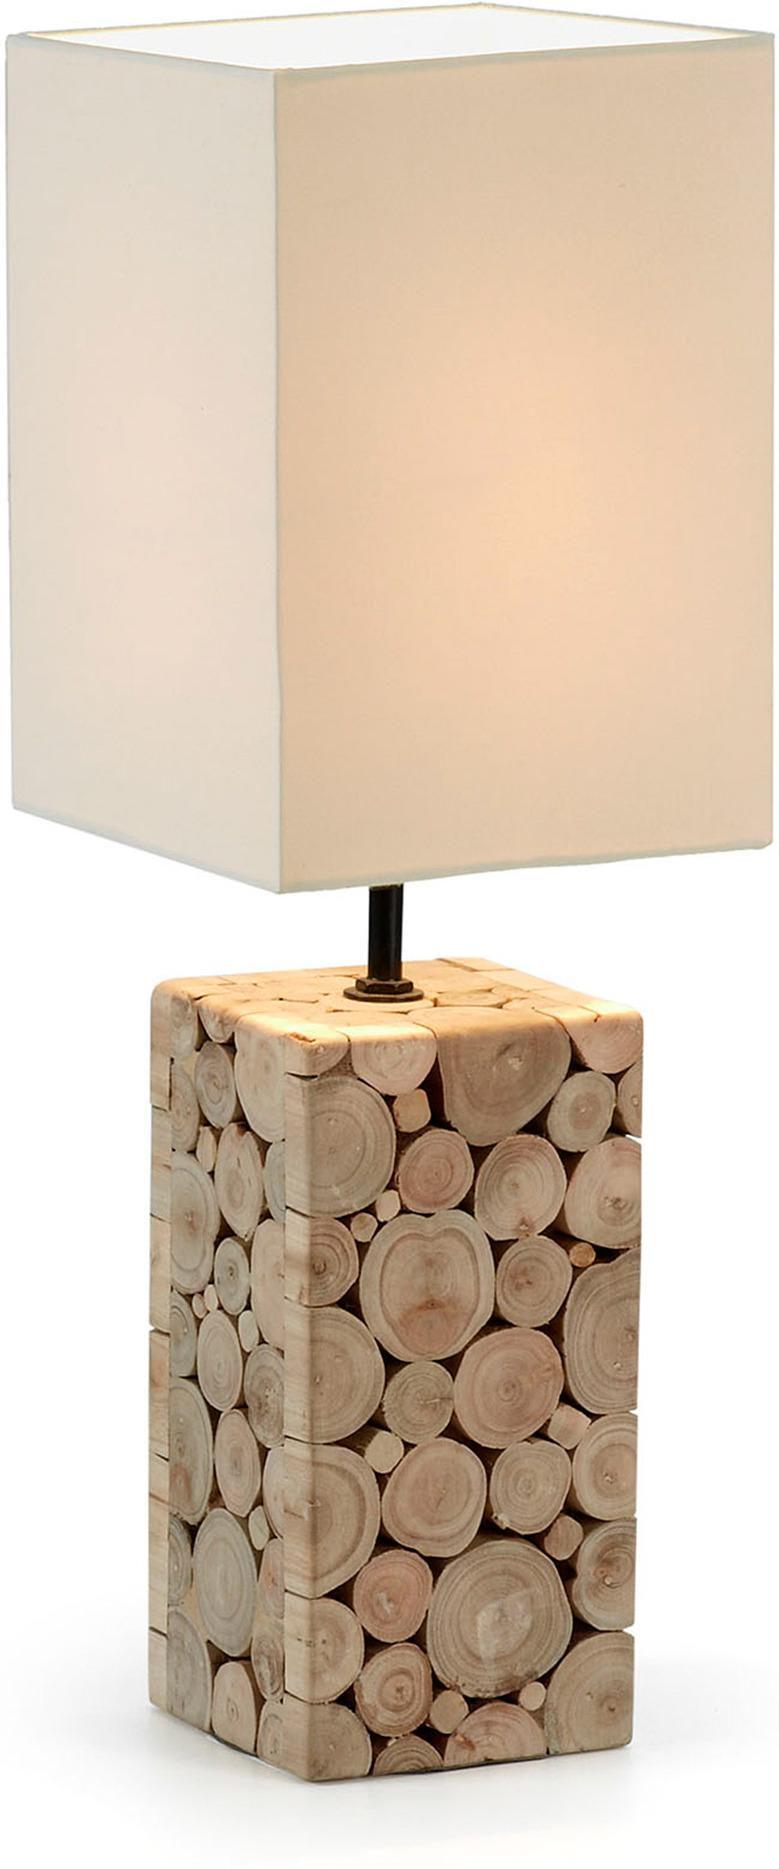 laforma tischlampe silvan wei holz la forma. Black Bedroom Furniture Sets. Home Design Ideas